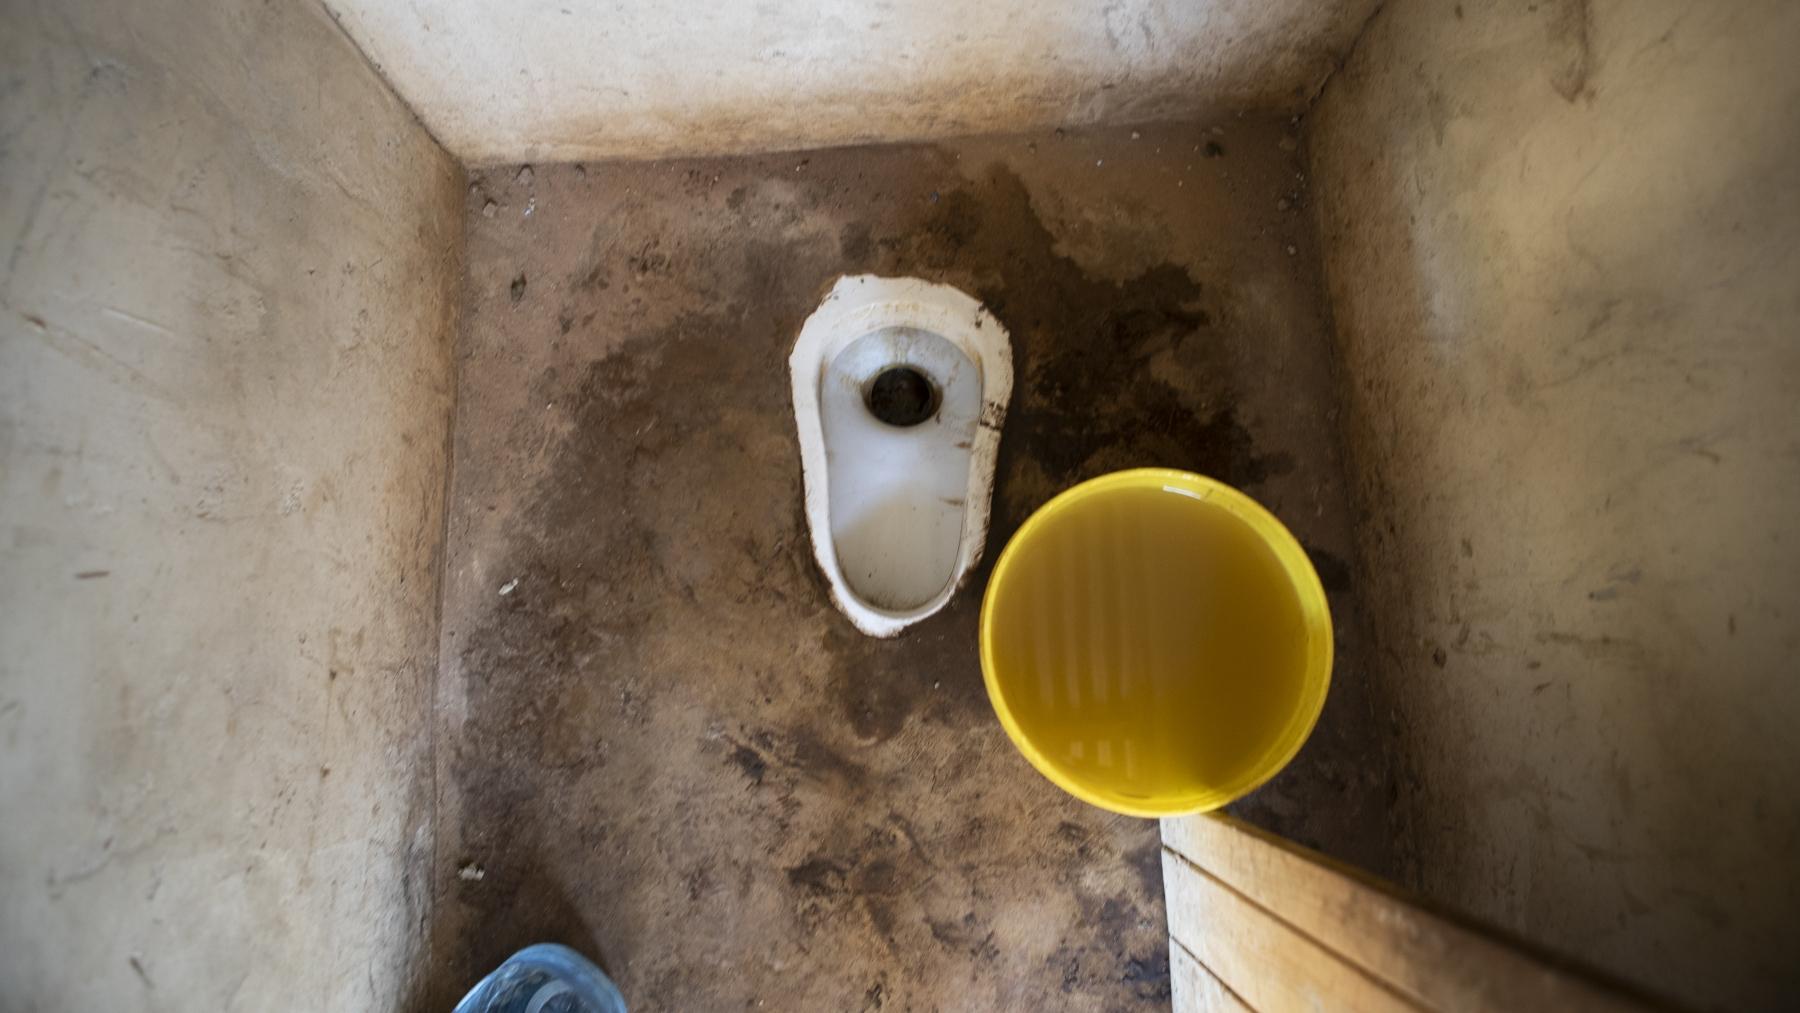 Toiletten - Die bisherigen Plumpsklos waren oft Ursprung von Krankheiten. Die offenen Toiletten ziehen Mücken an, welche Infekte auf die Schüler übertragen können.Am neuen Ort wird es abgeschlossene, hygienische Toiletten geben. Nebenan gibt es Wasser, um die Hände zu reinigen.